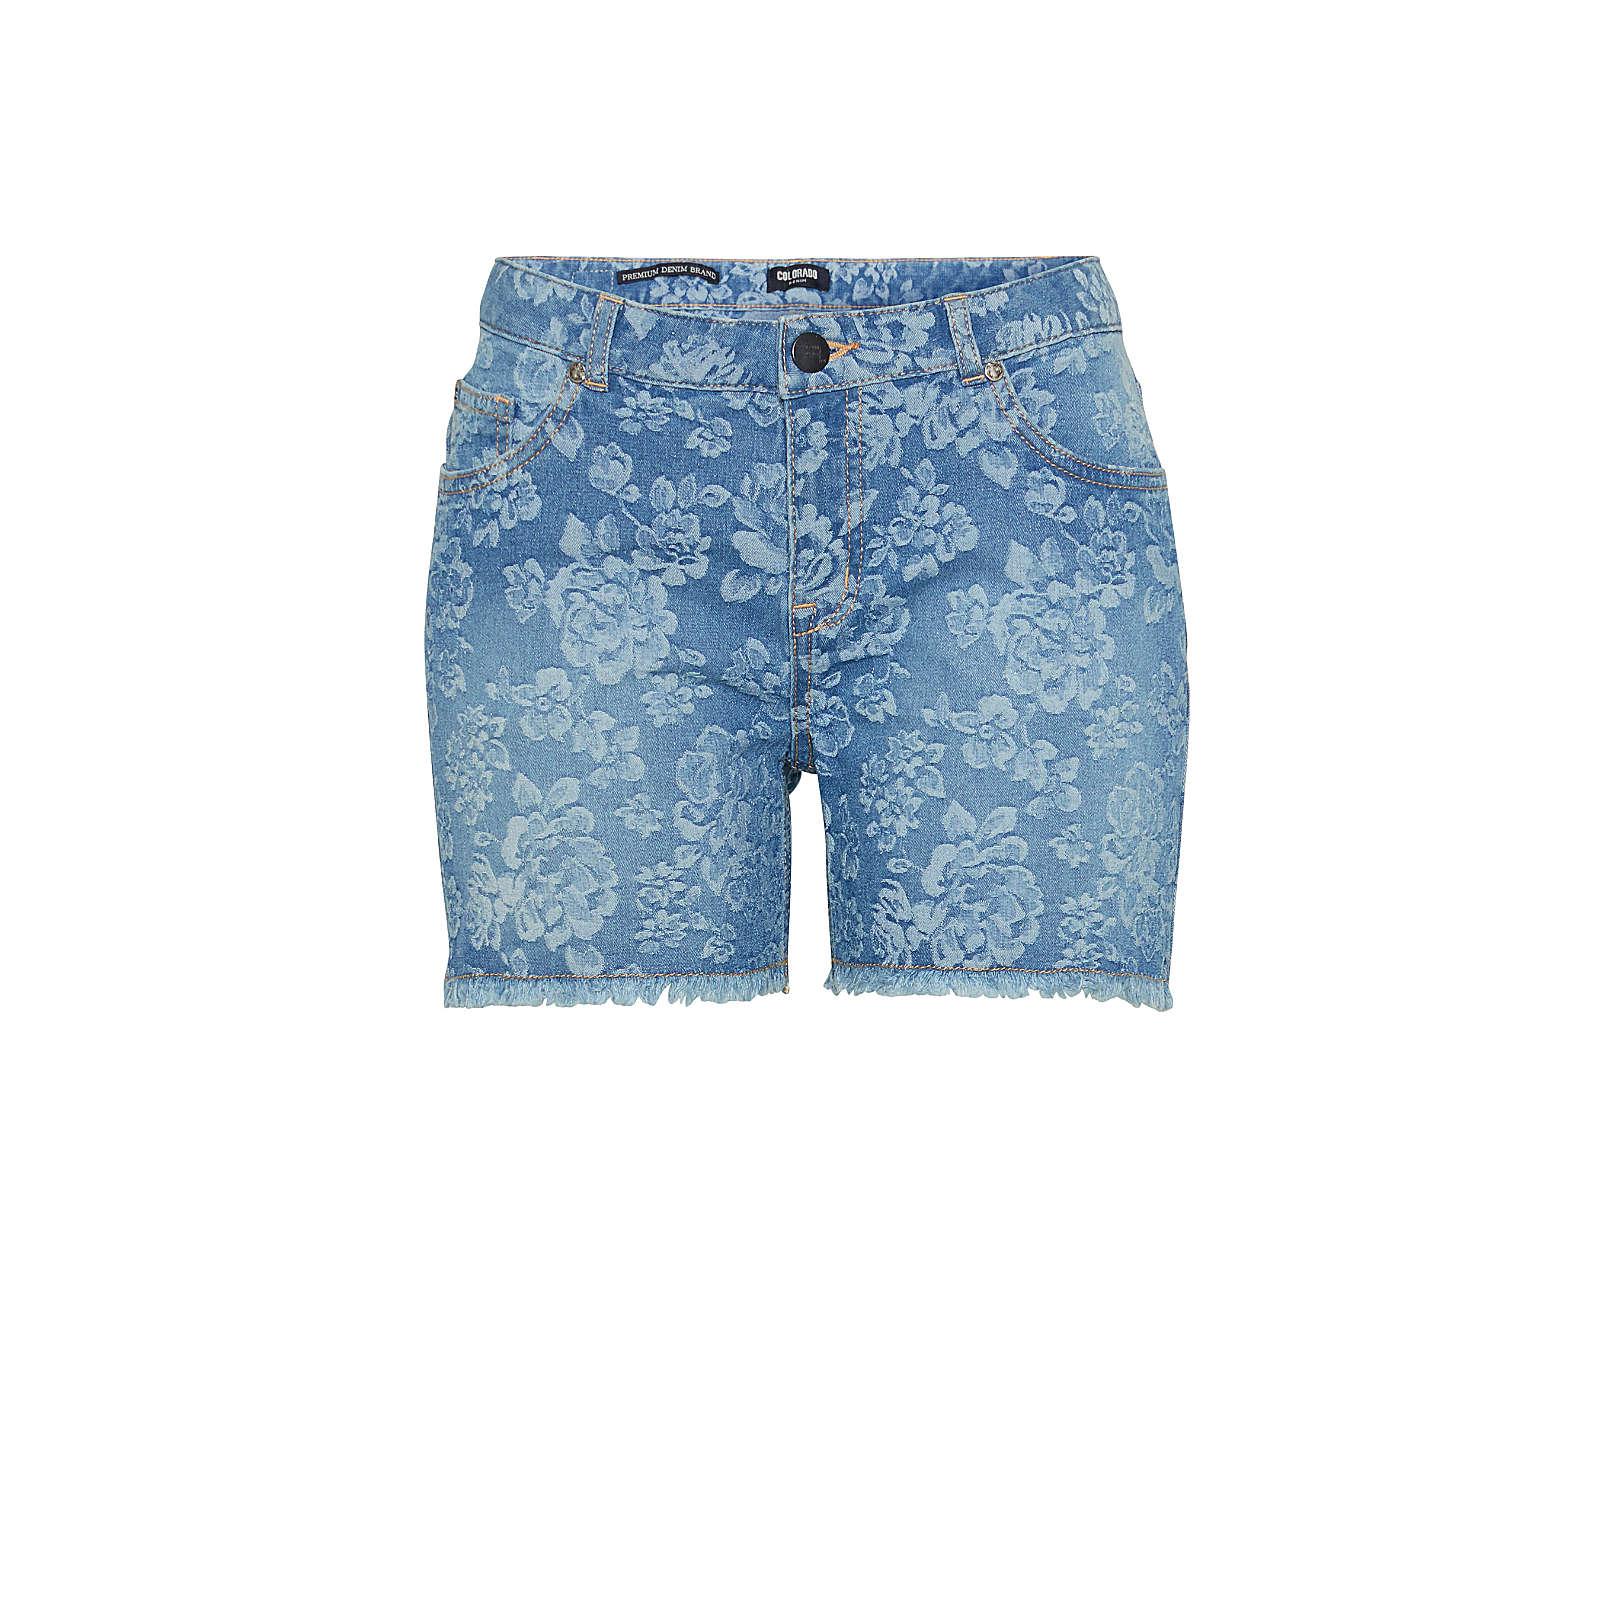 COLORADO DENIM Shorts blau Damen Gr. 28